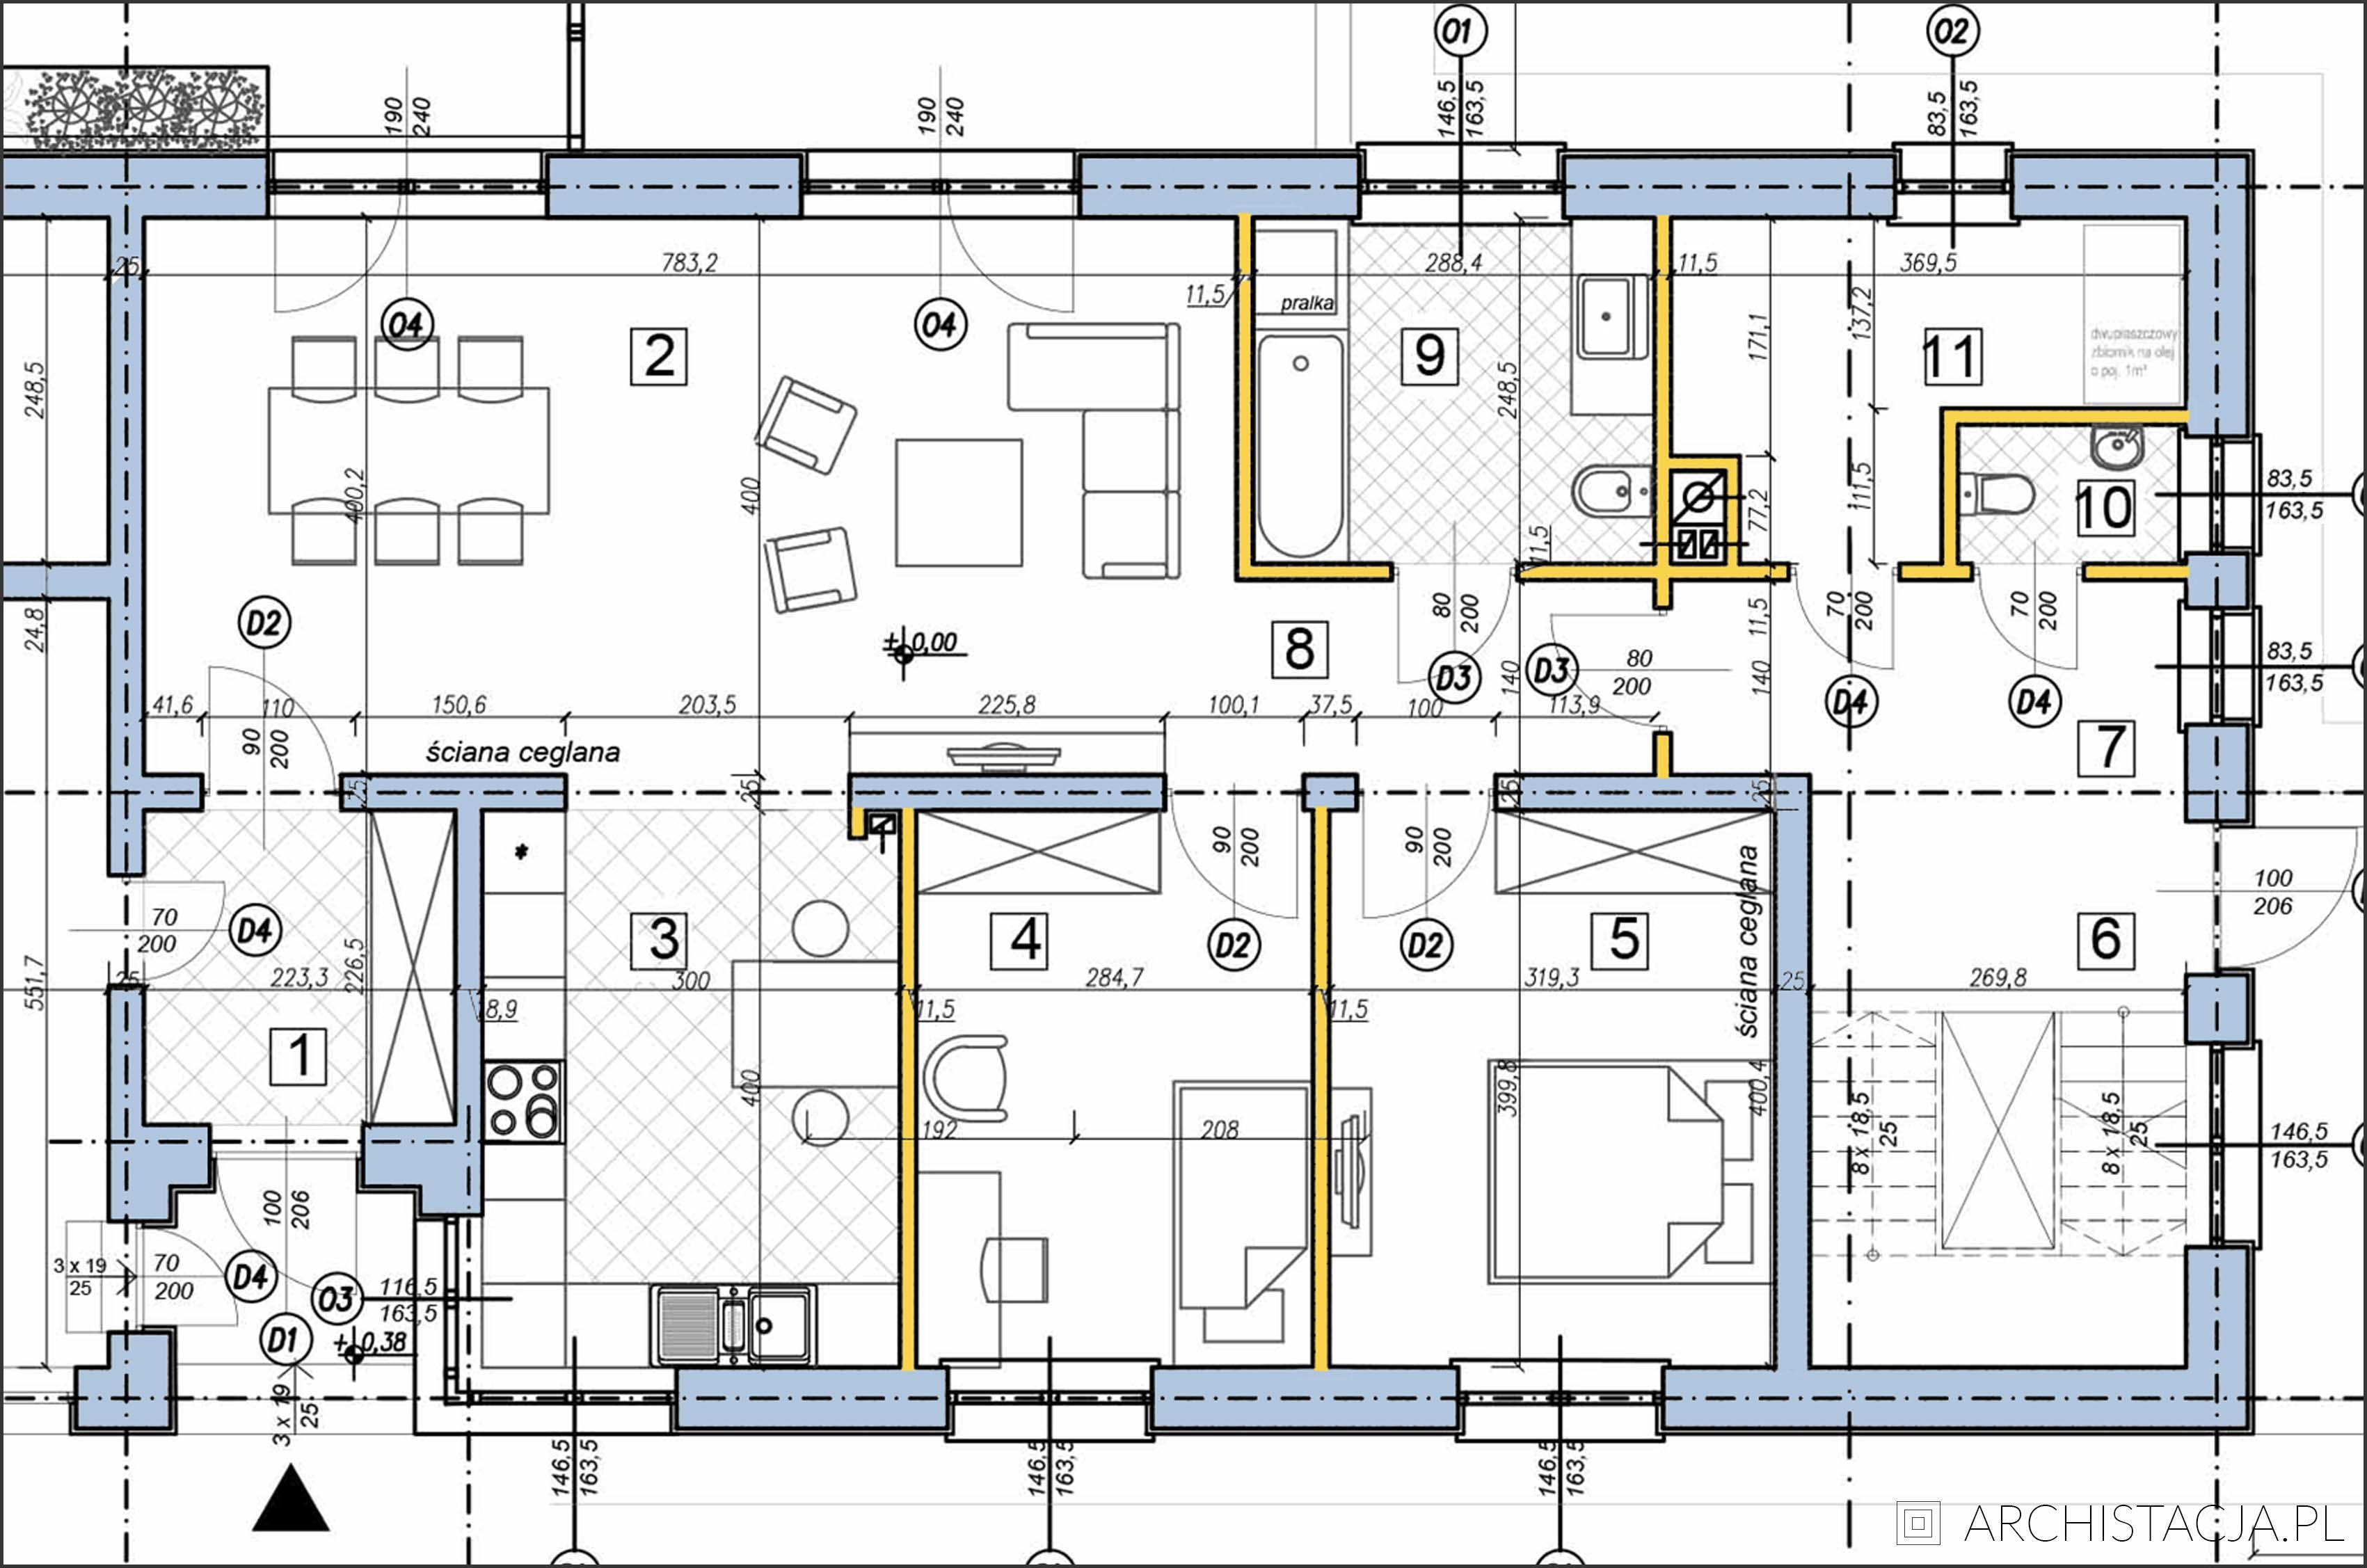 Jak Czytać Rysunki Architektoniczne Archistacjapl